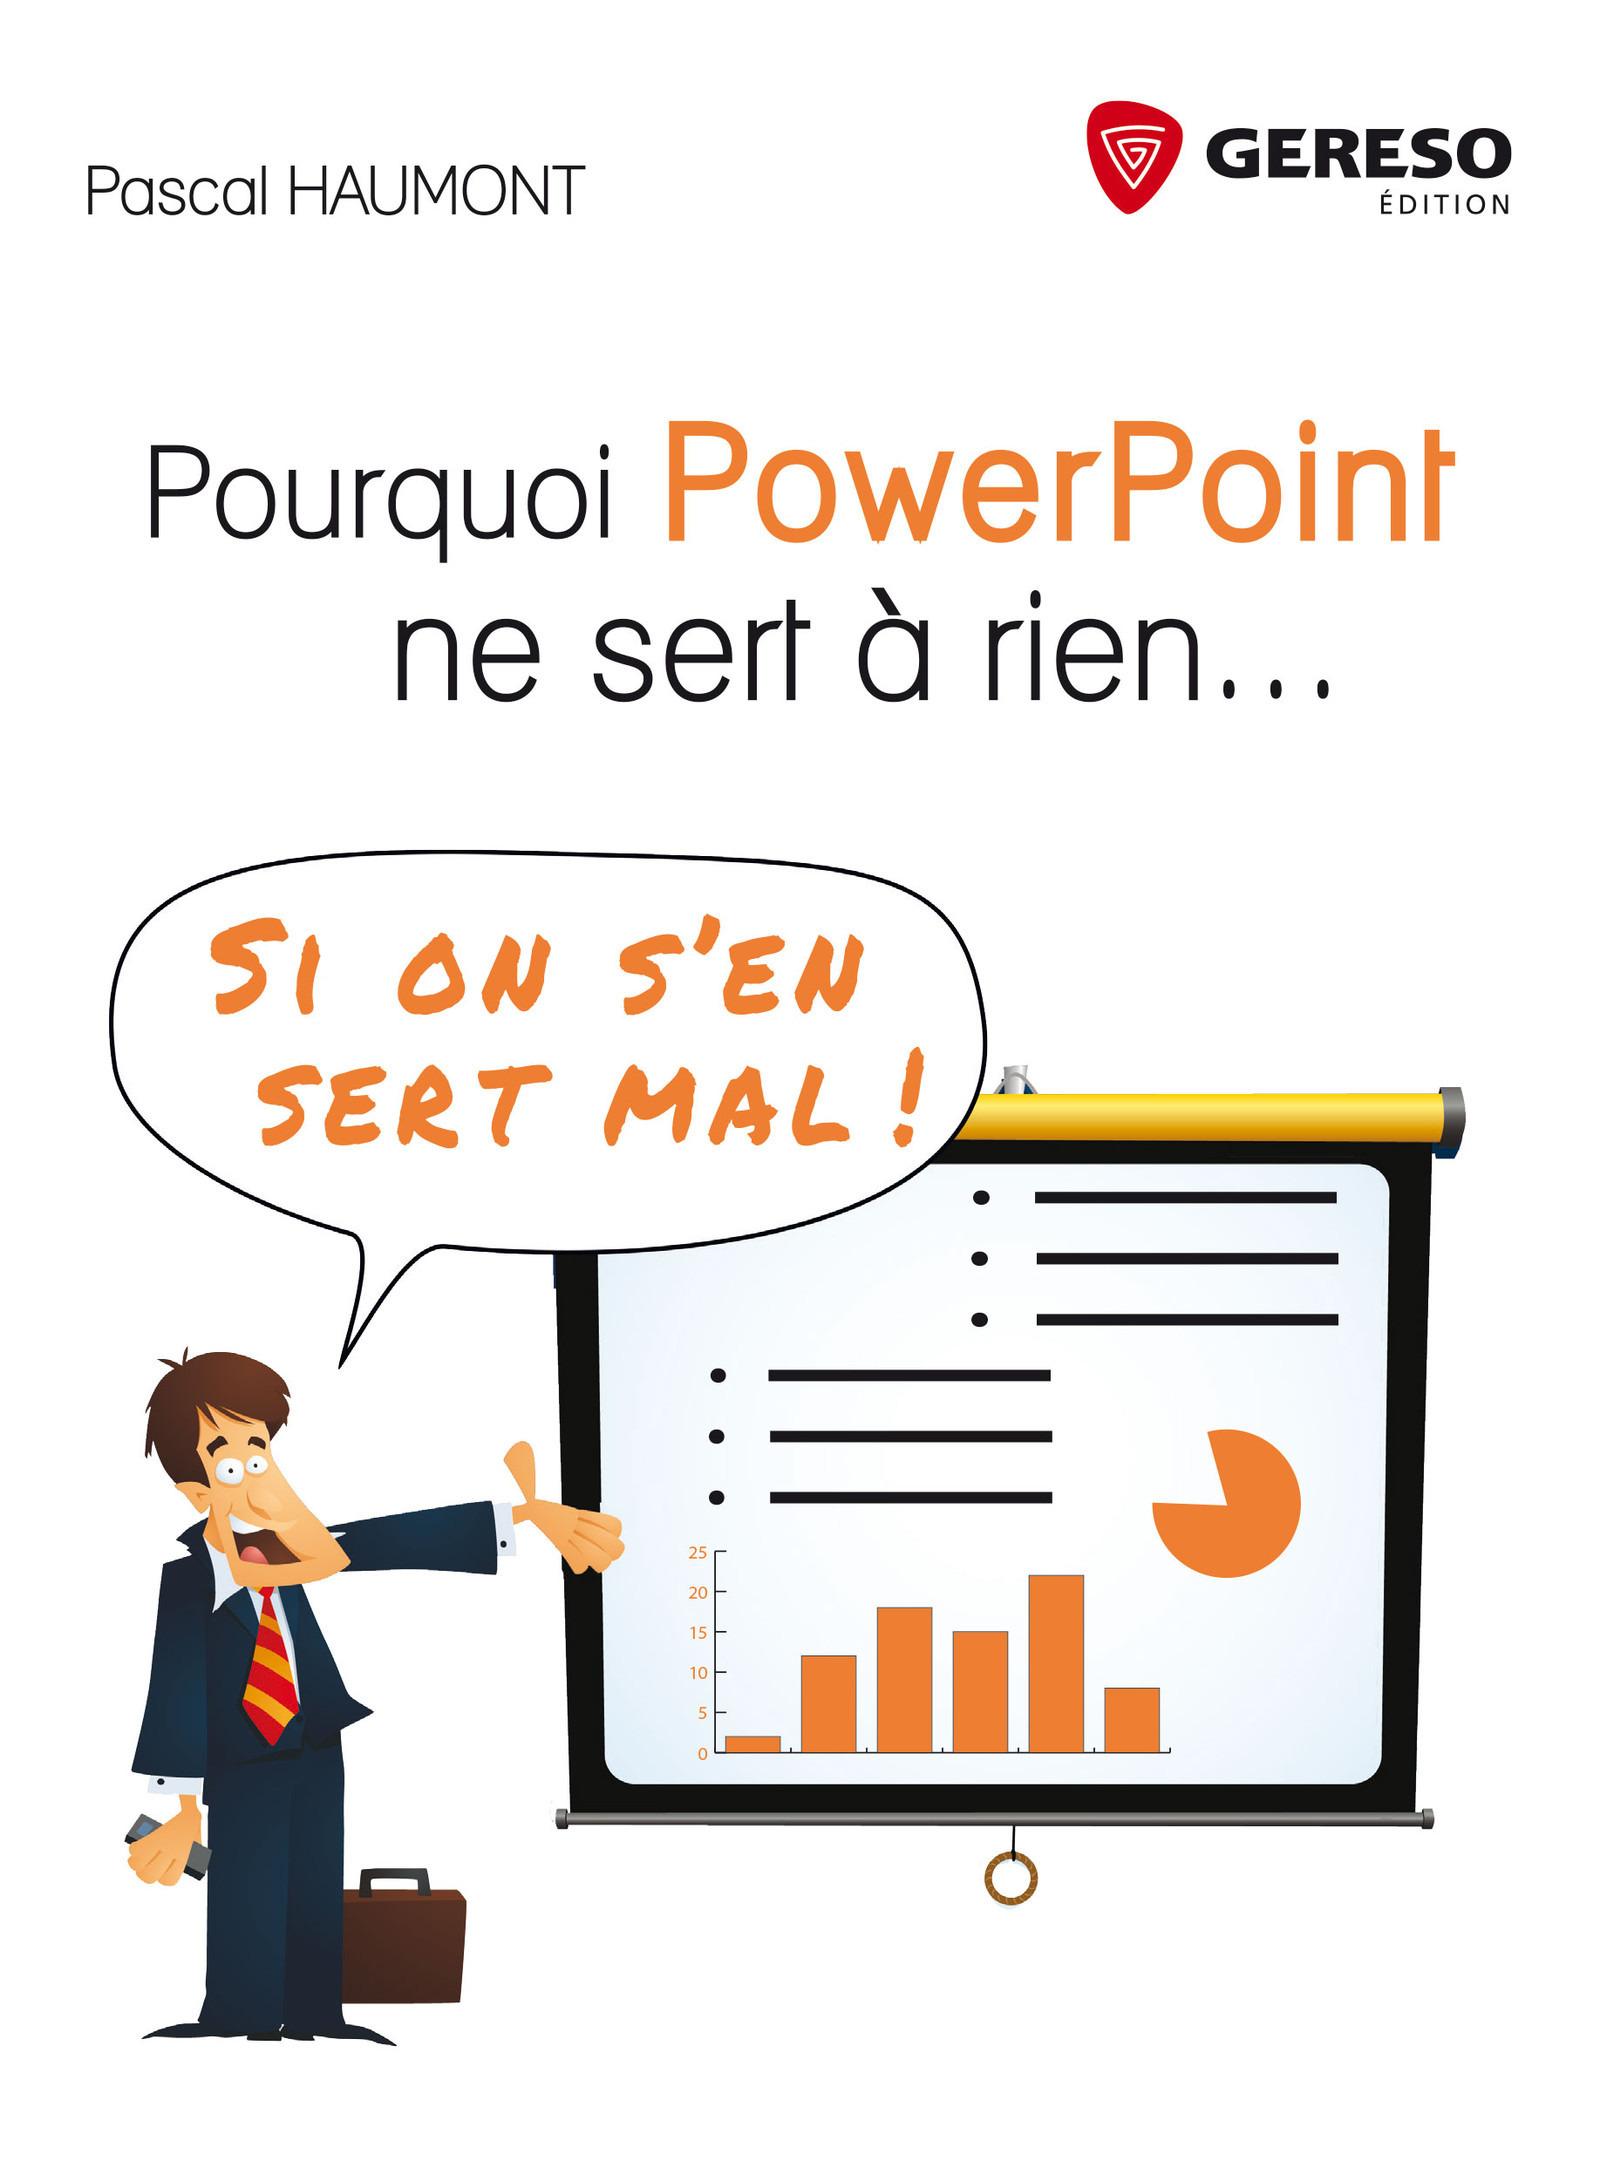 Pourquoi PowerPoint ne sert à rien...